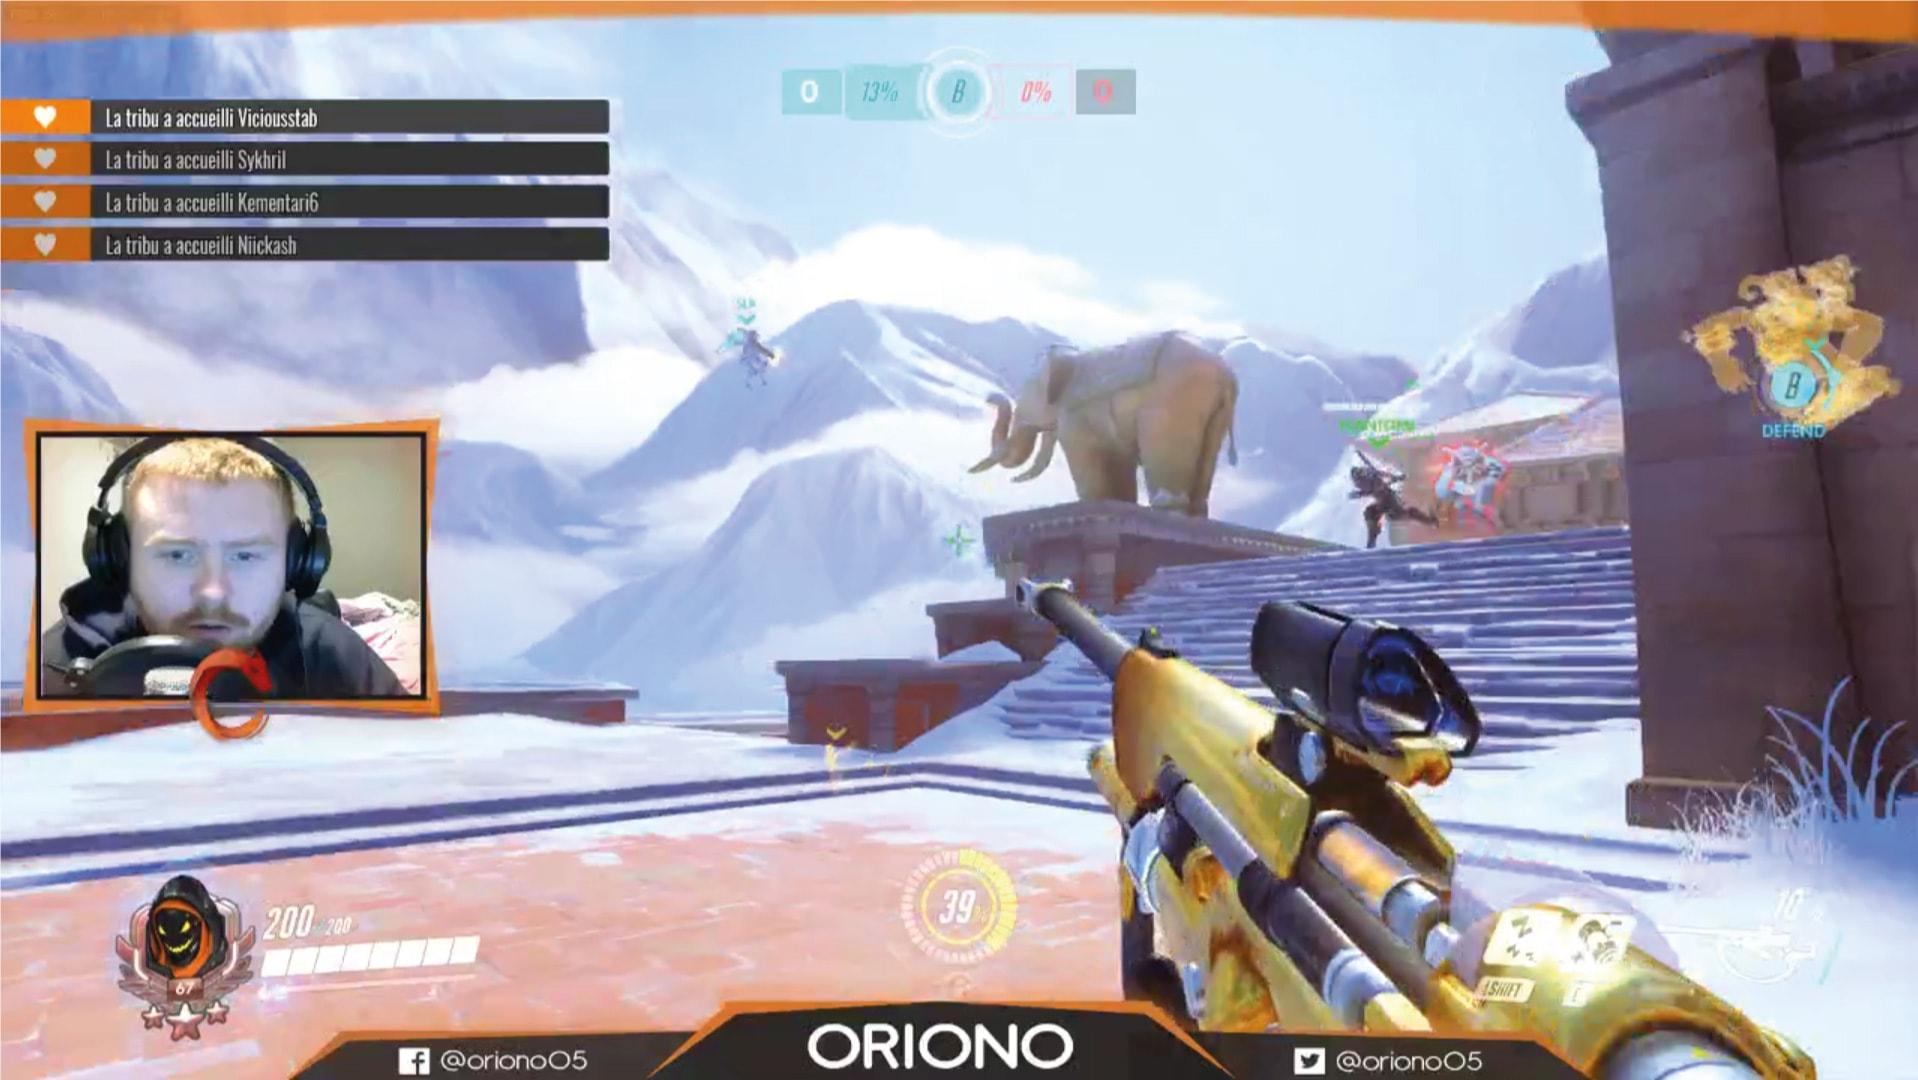 Oriono, identité visuelle joueur e-sport